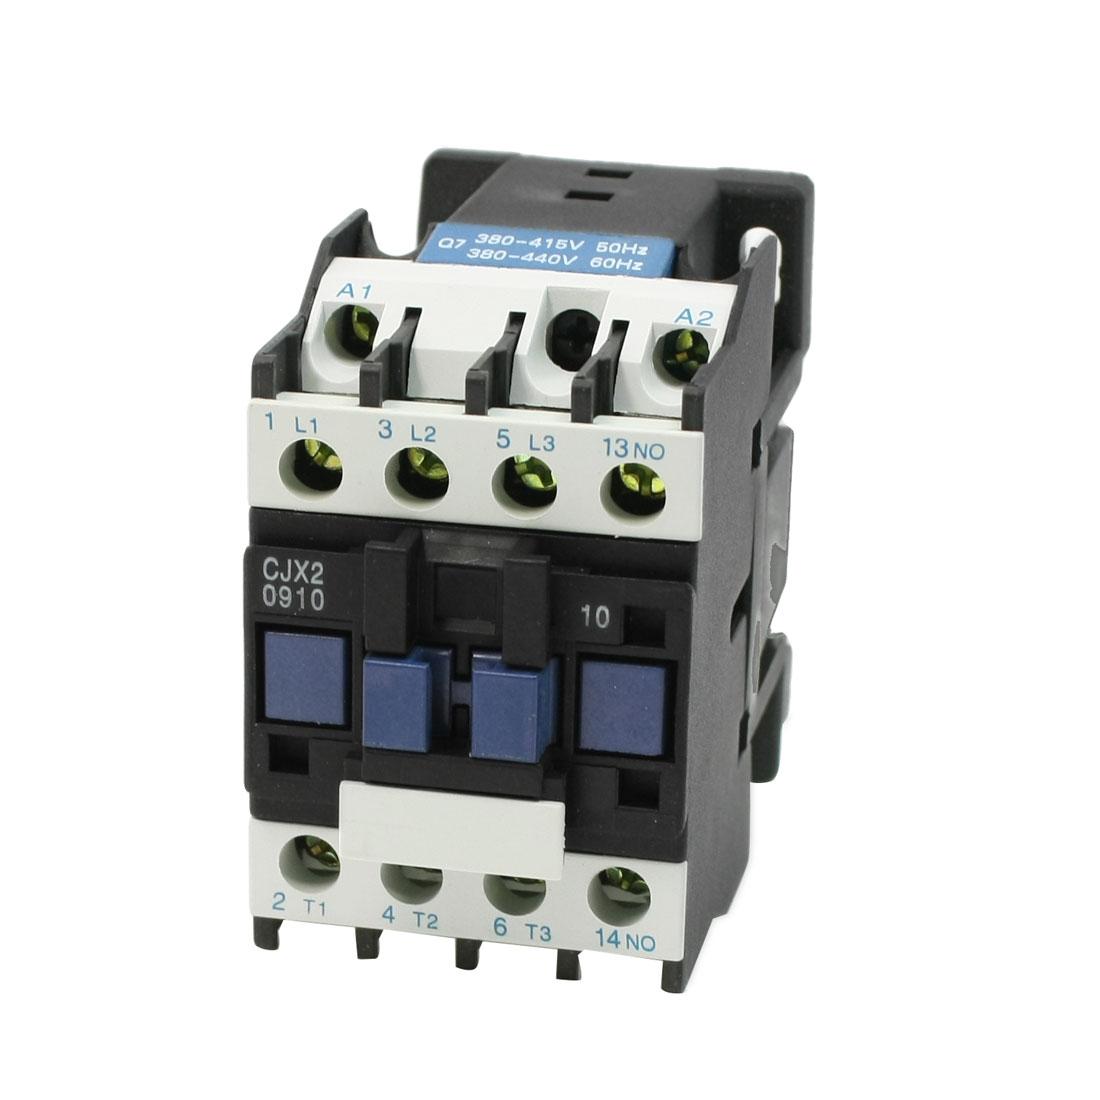 CJX2-09 3 Phase One NO 380-415V 50Hz 380-440V 60Hz AC Contactor 660V 25A